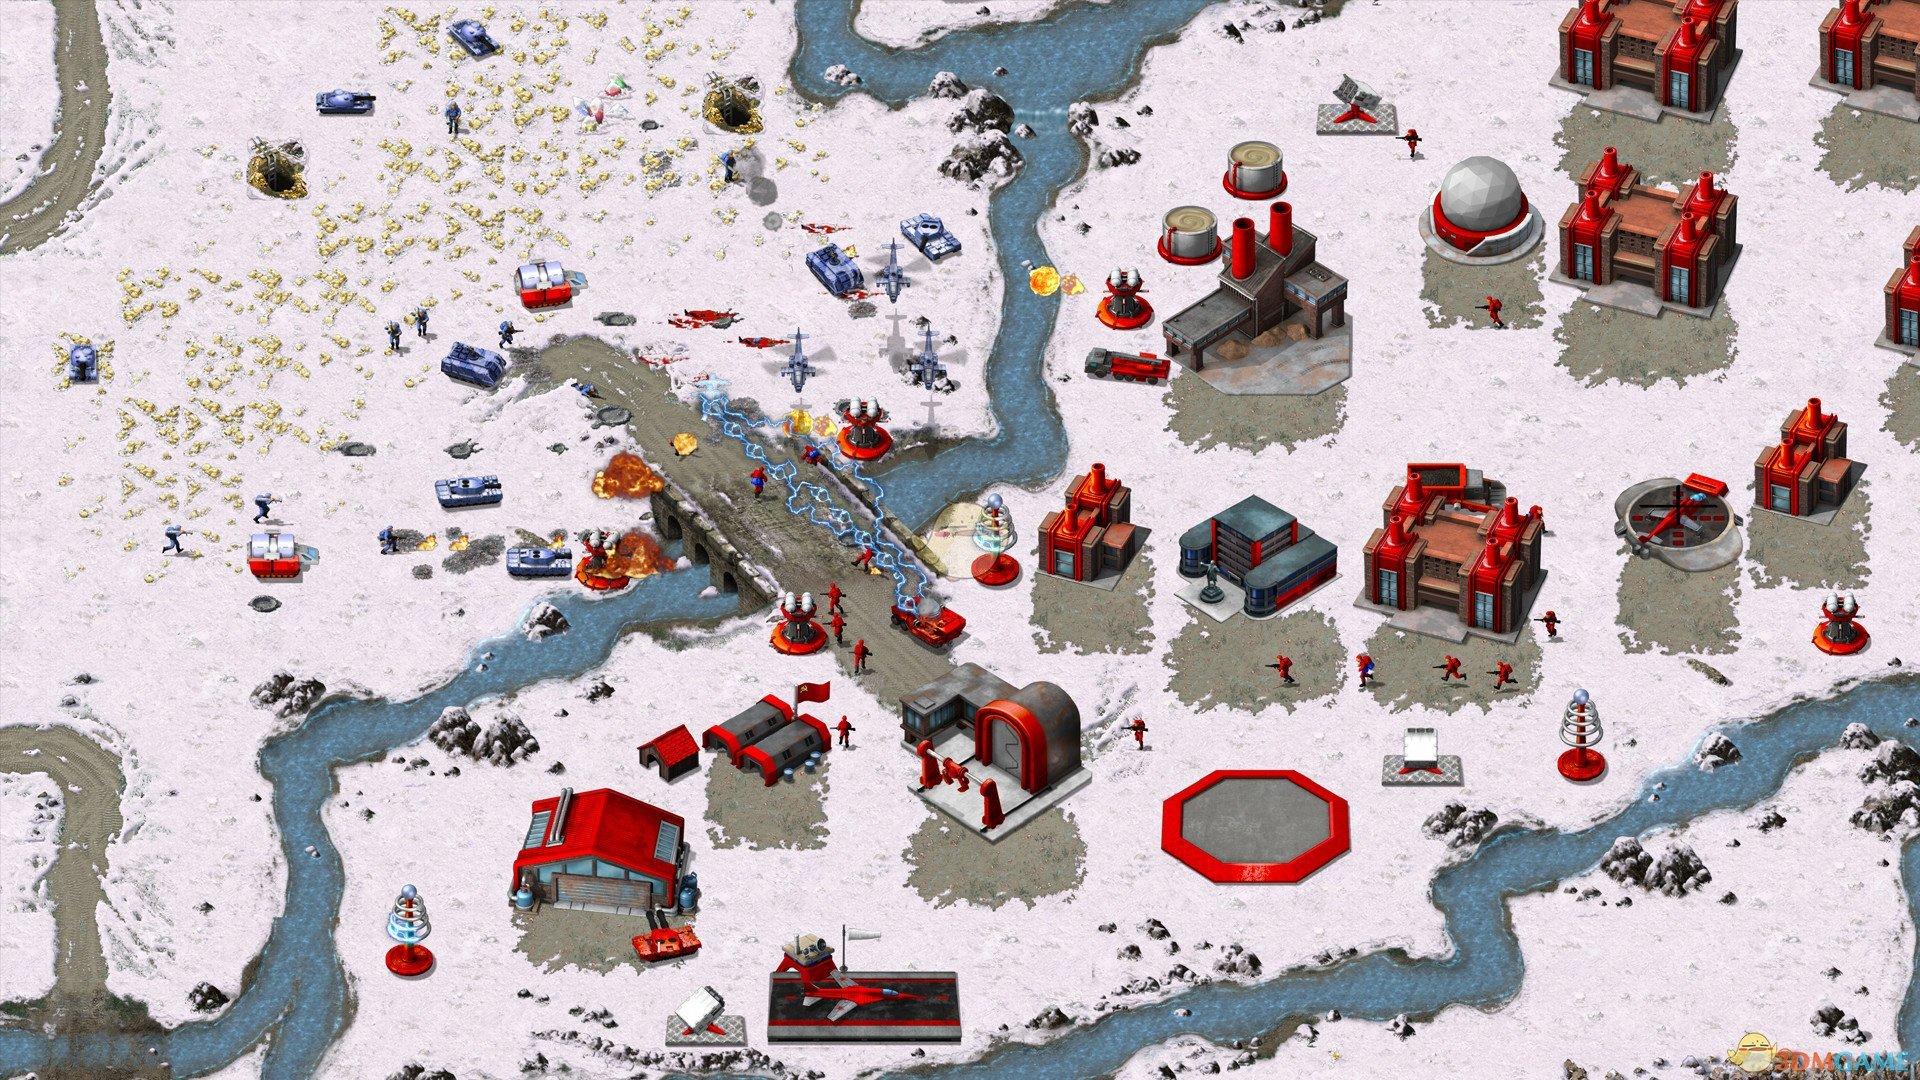 《命令与征服:重制版》游戏特色内容一览